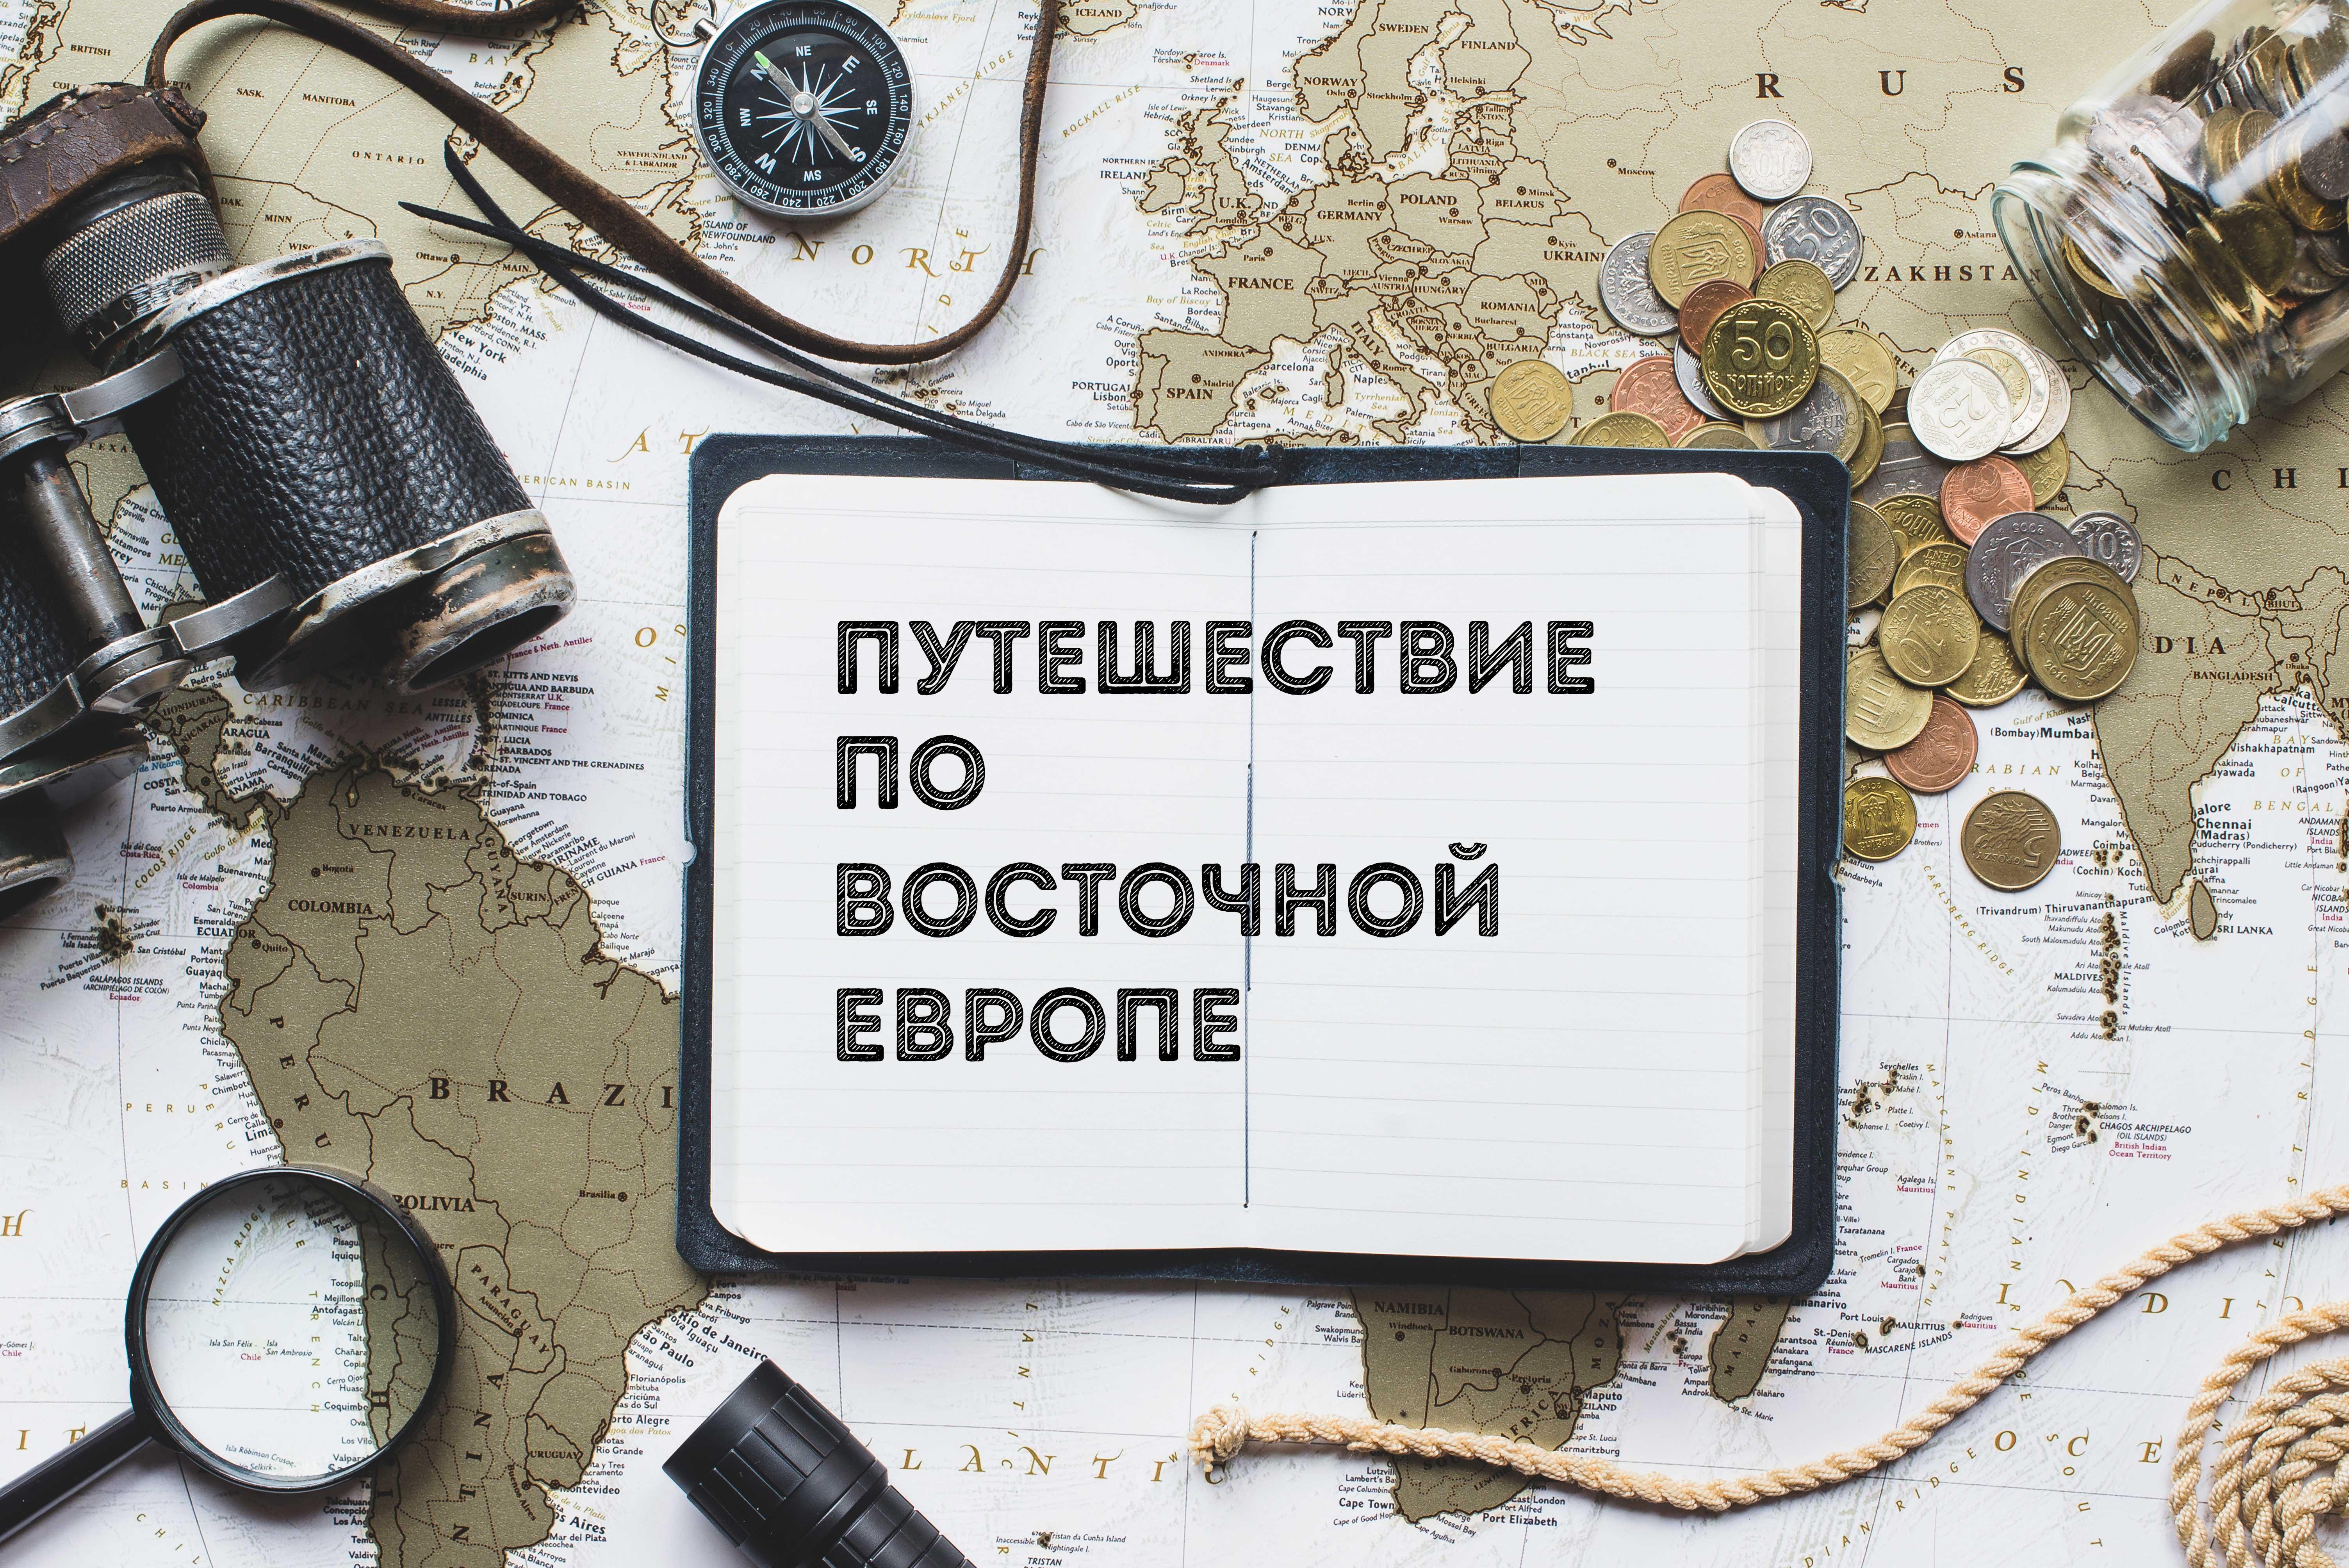 Путешествие по Восточной Европе: лучшие города для туристов